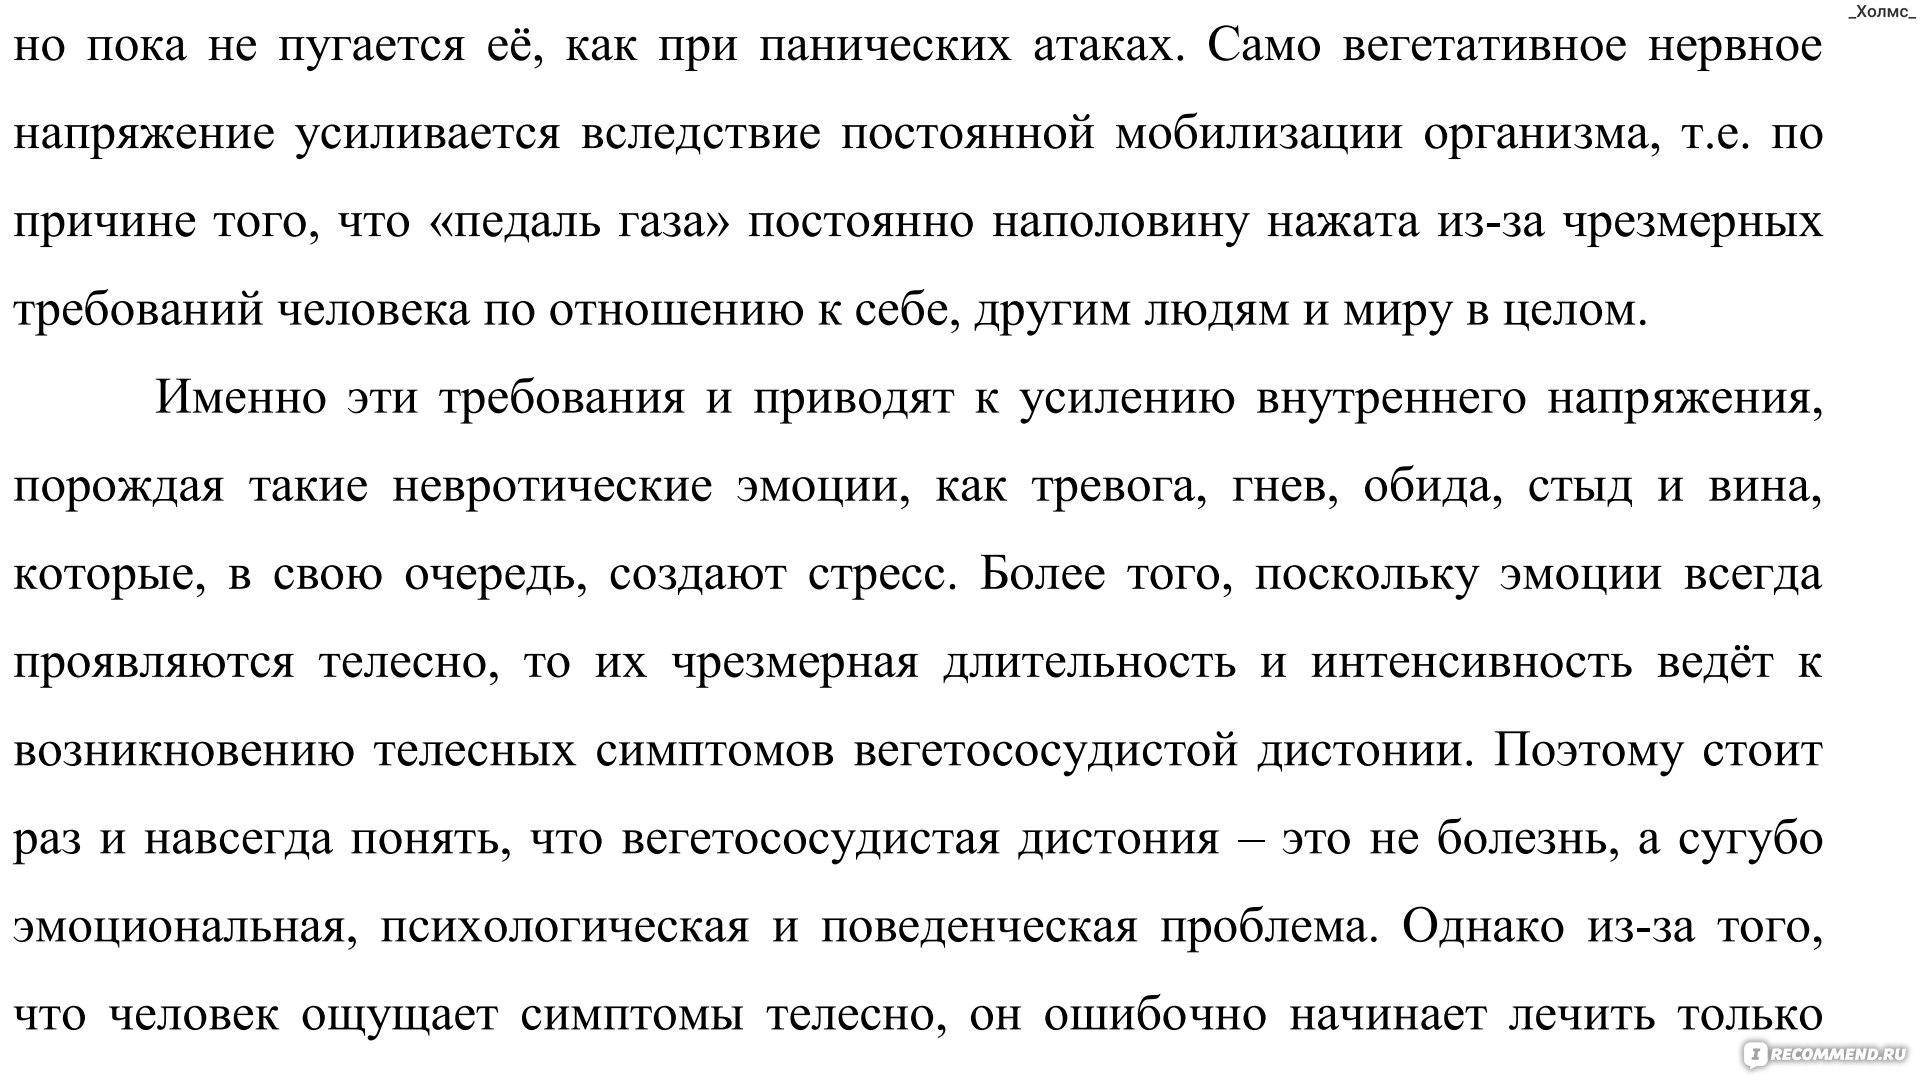 Психотерапия тревожно-фобических расстройств - Федоренко П.А.